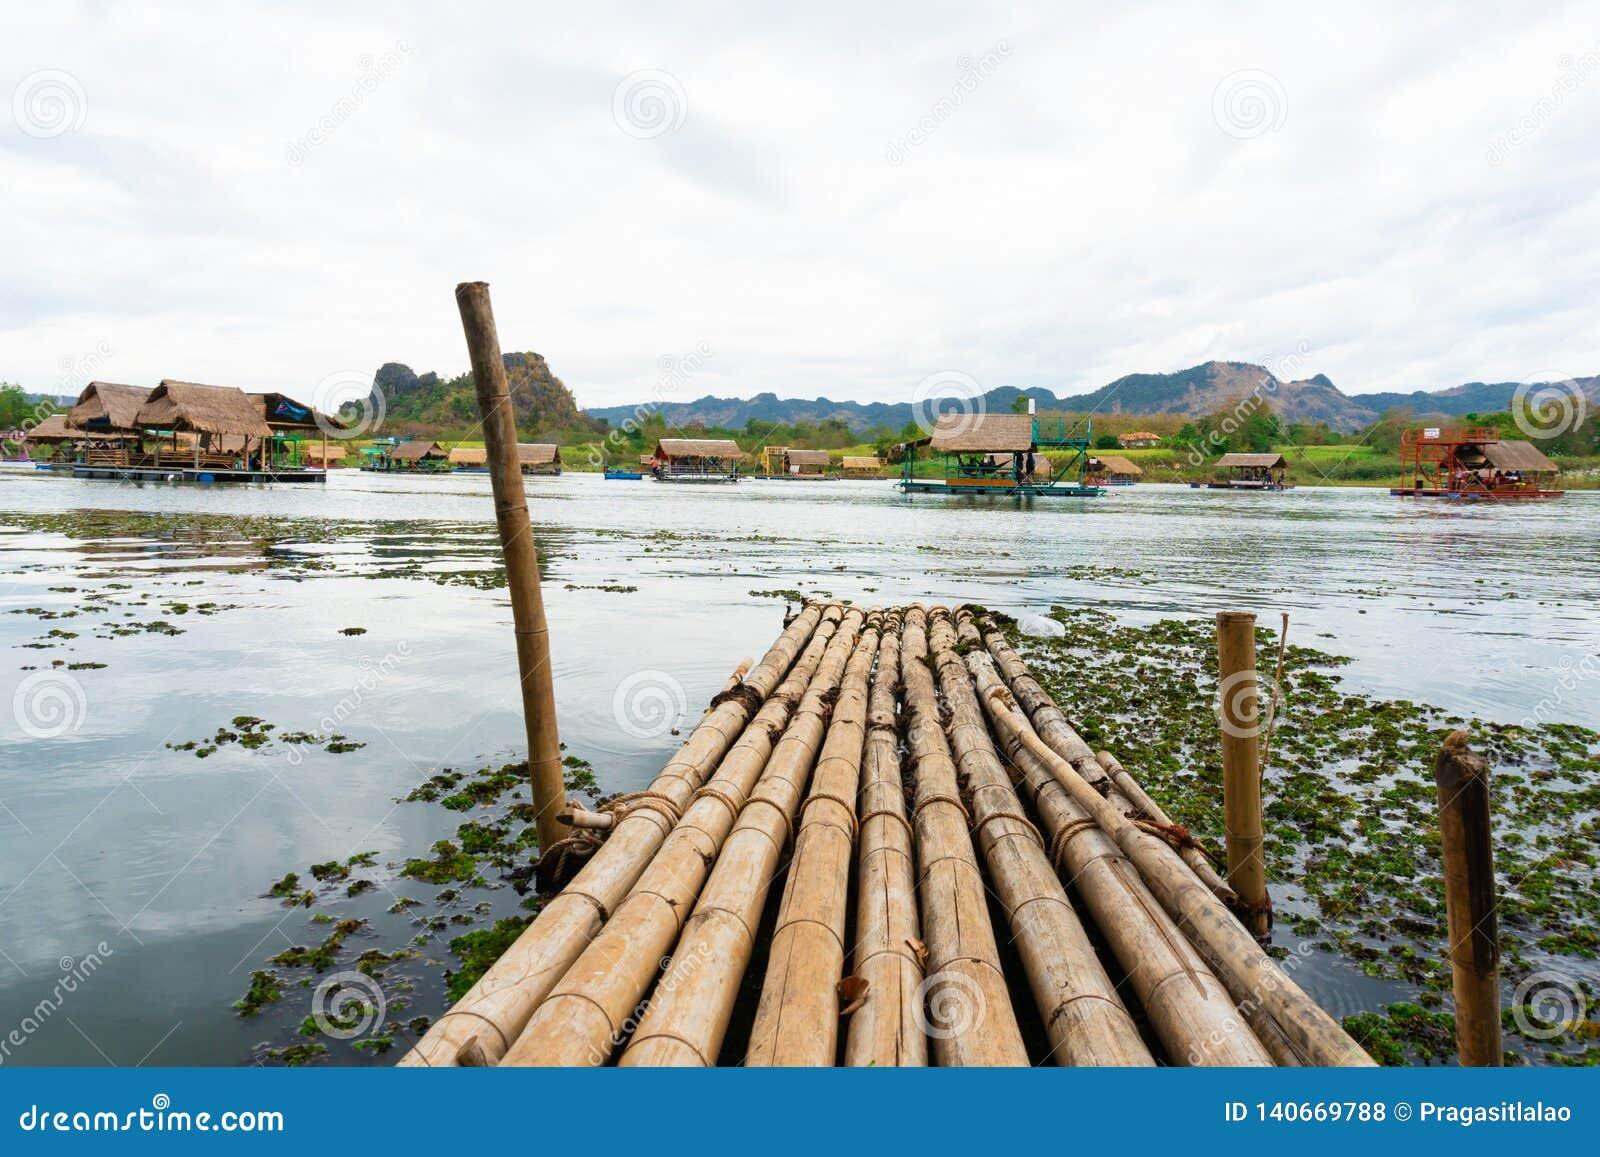 Το Huai Muang, λίμνη της Ταϊλάνδης με το σπίτι βαρκών η θέση χαλαρώνει